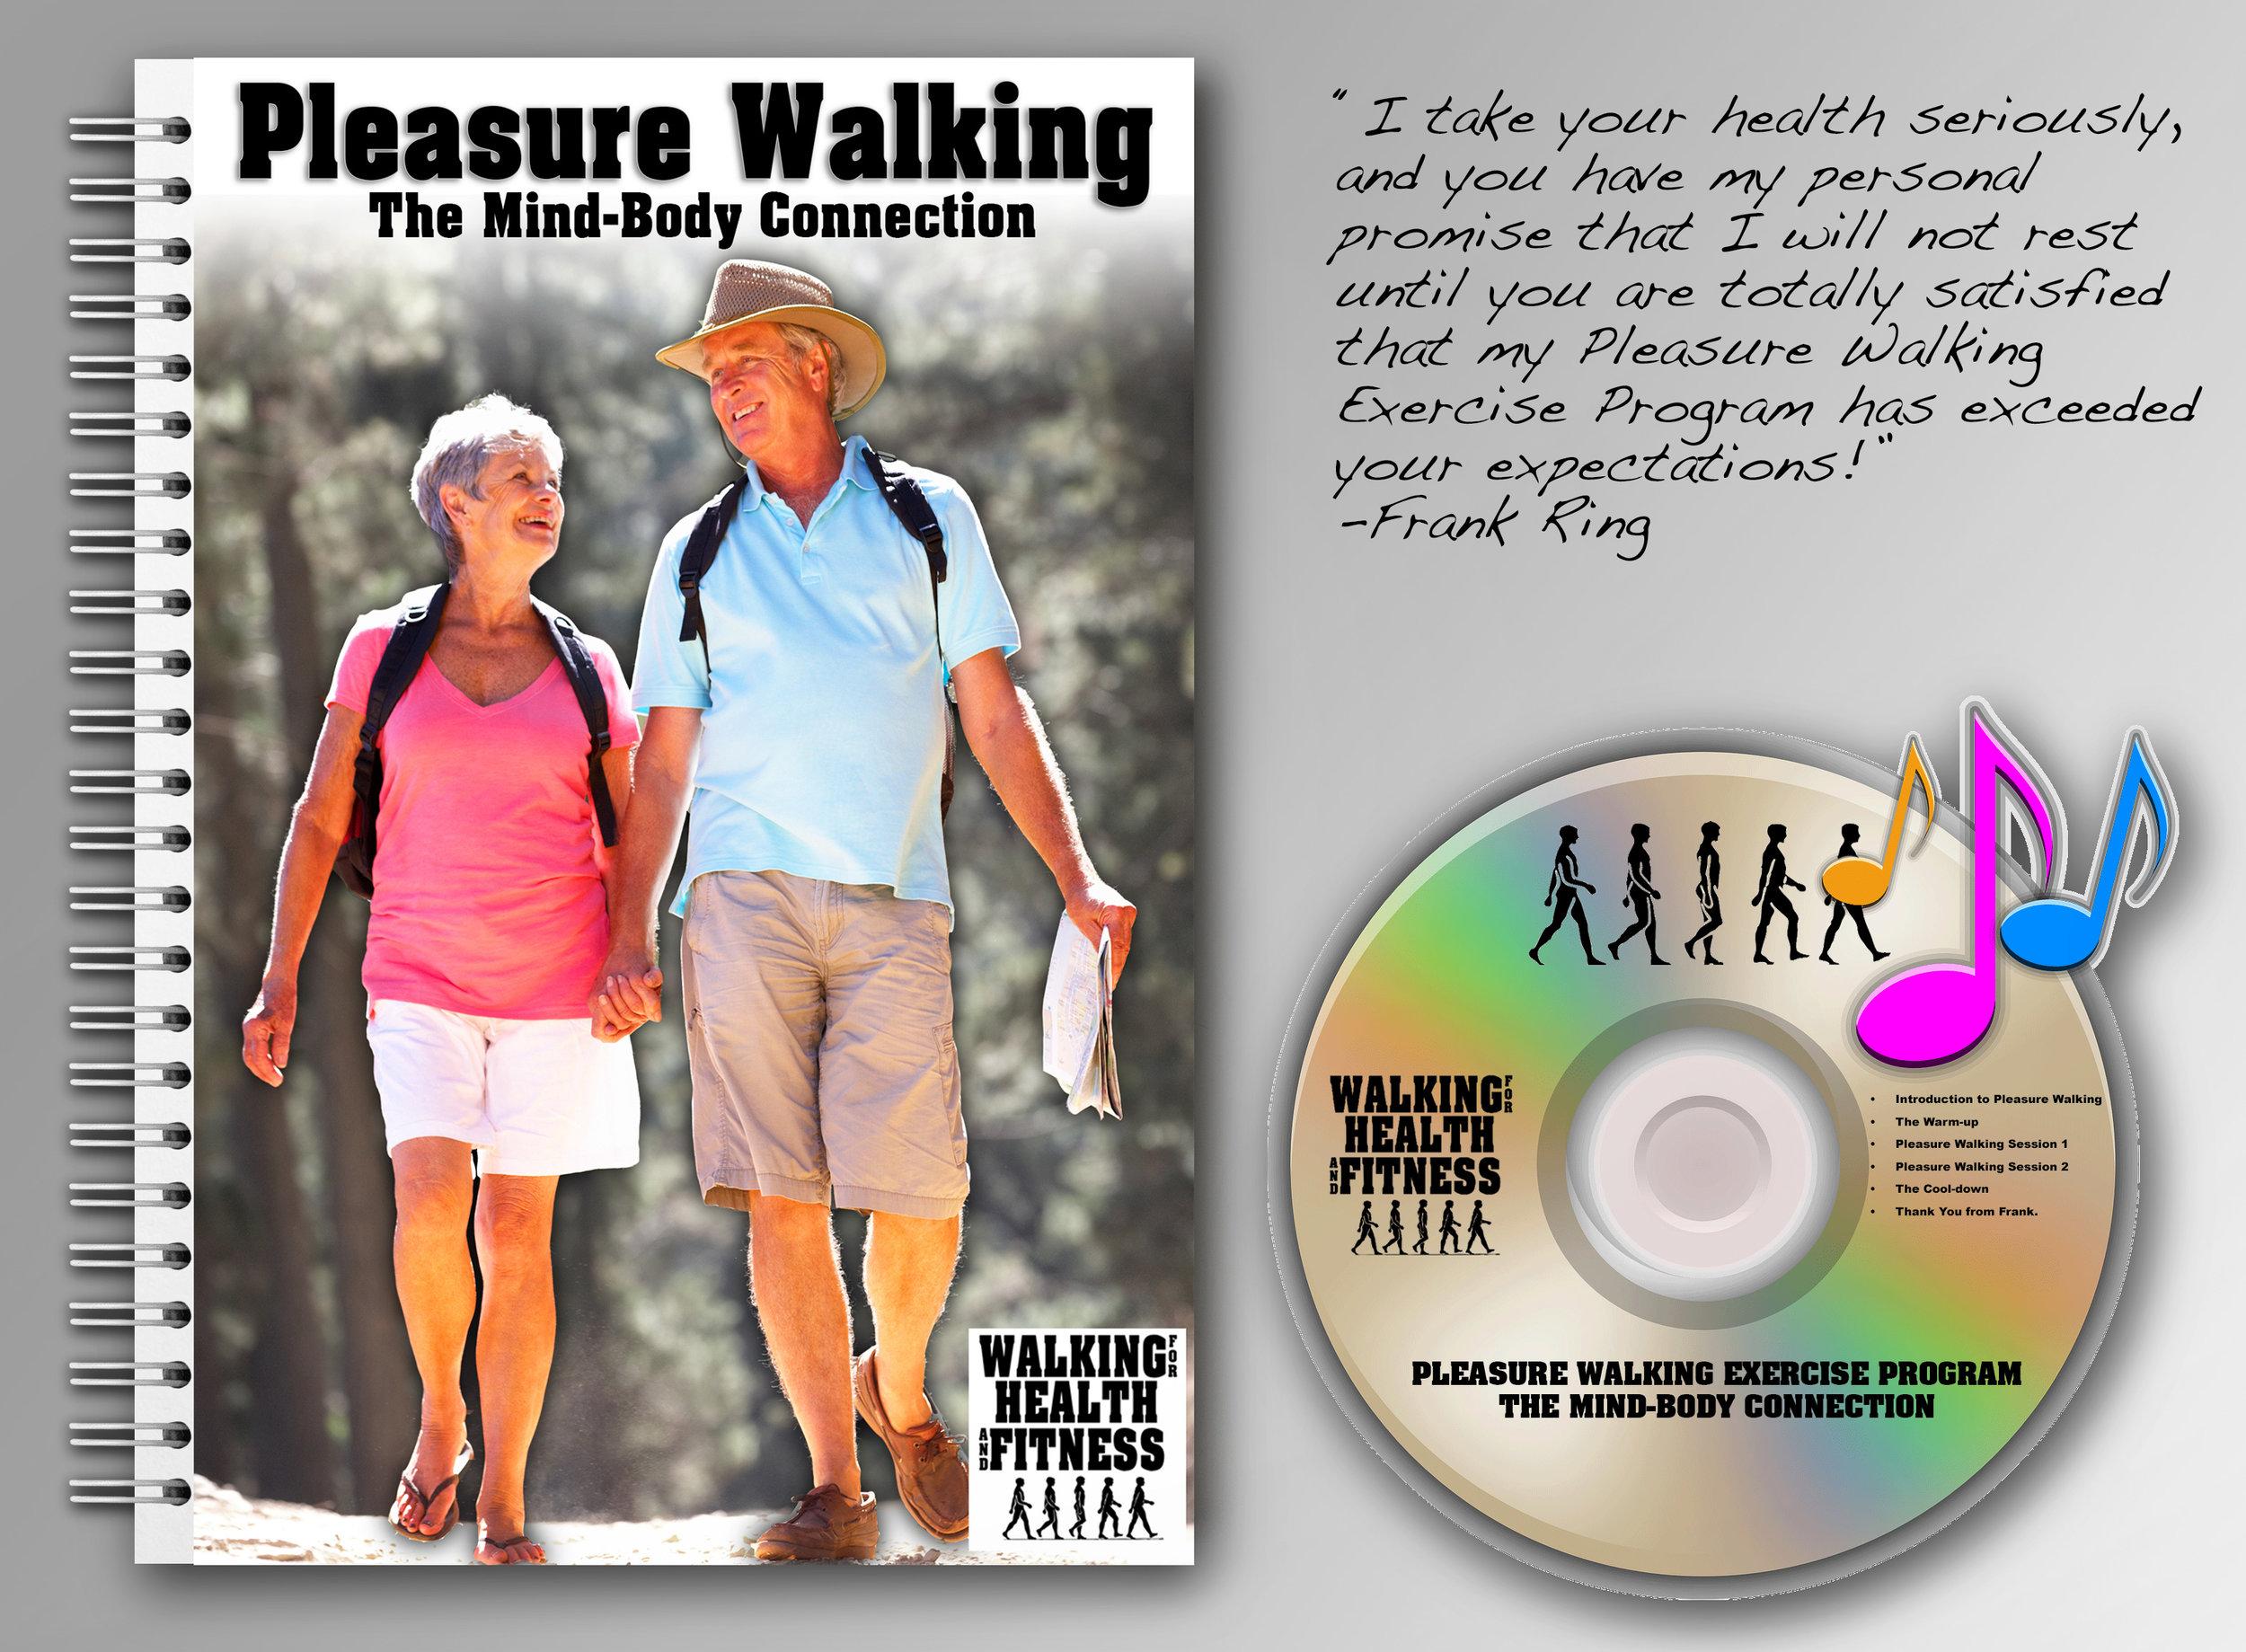 pleasure-walking-exercise-program-spiral-cover-Hand-note.jpg